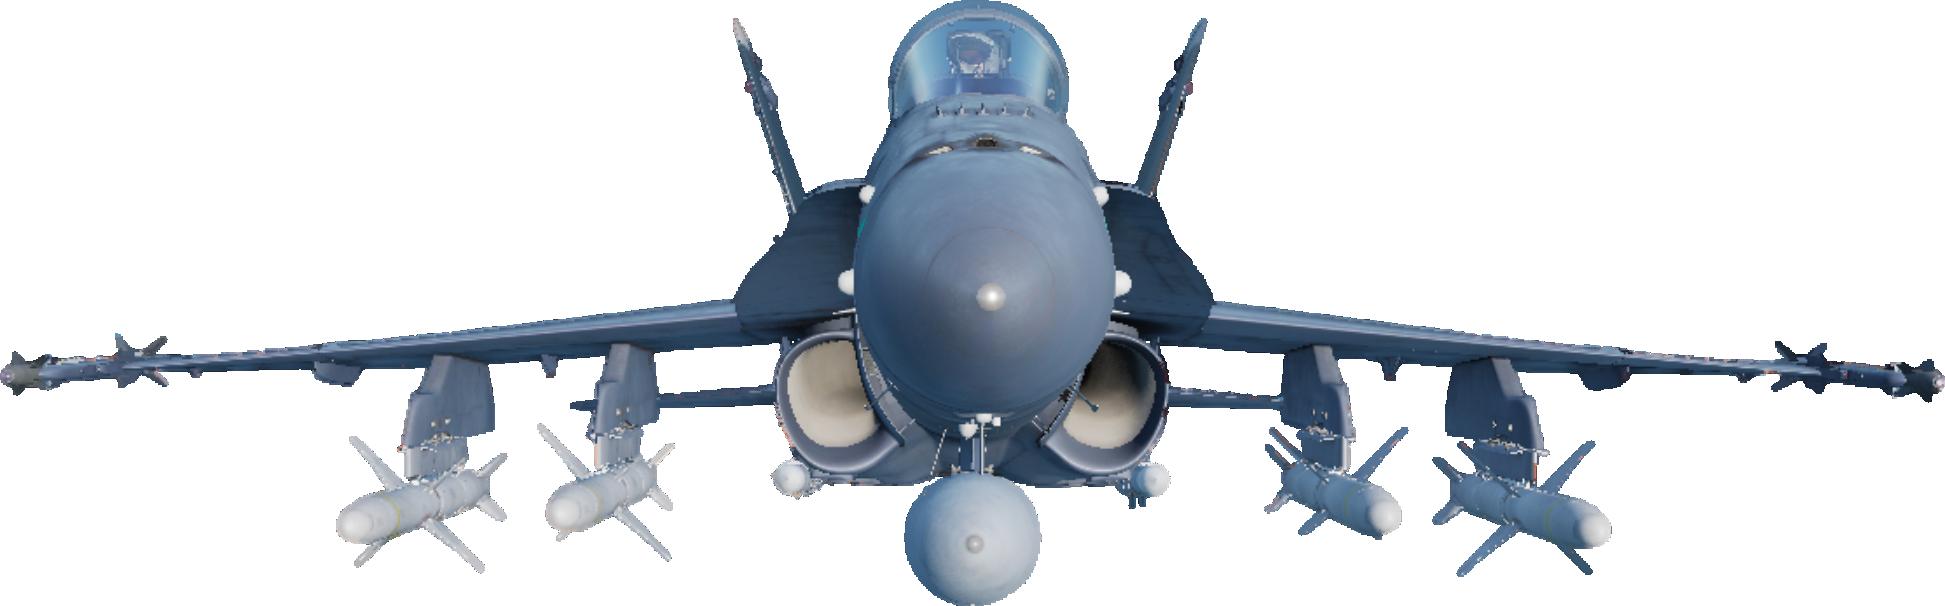 F18_test01